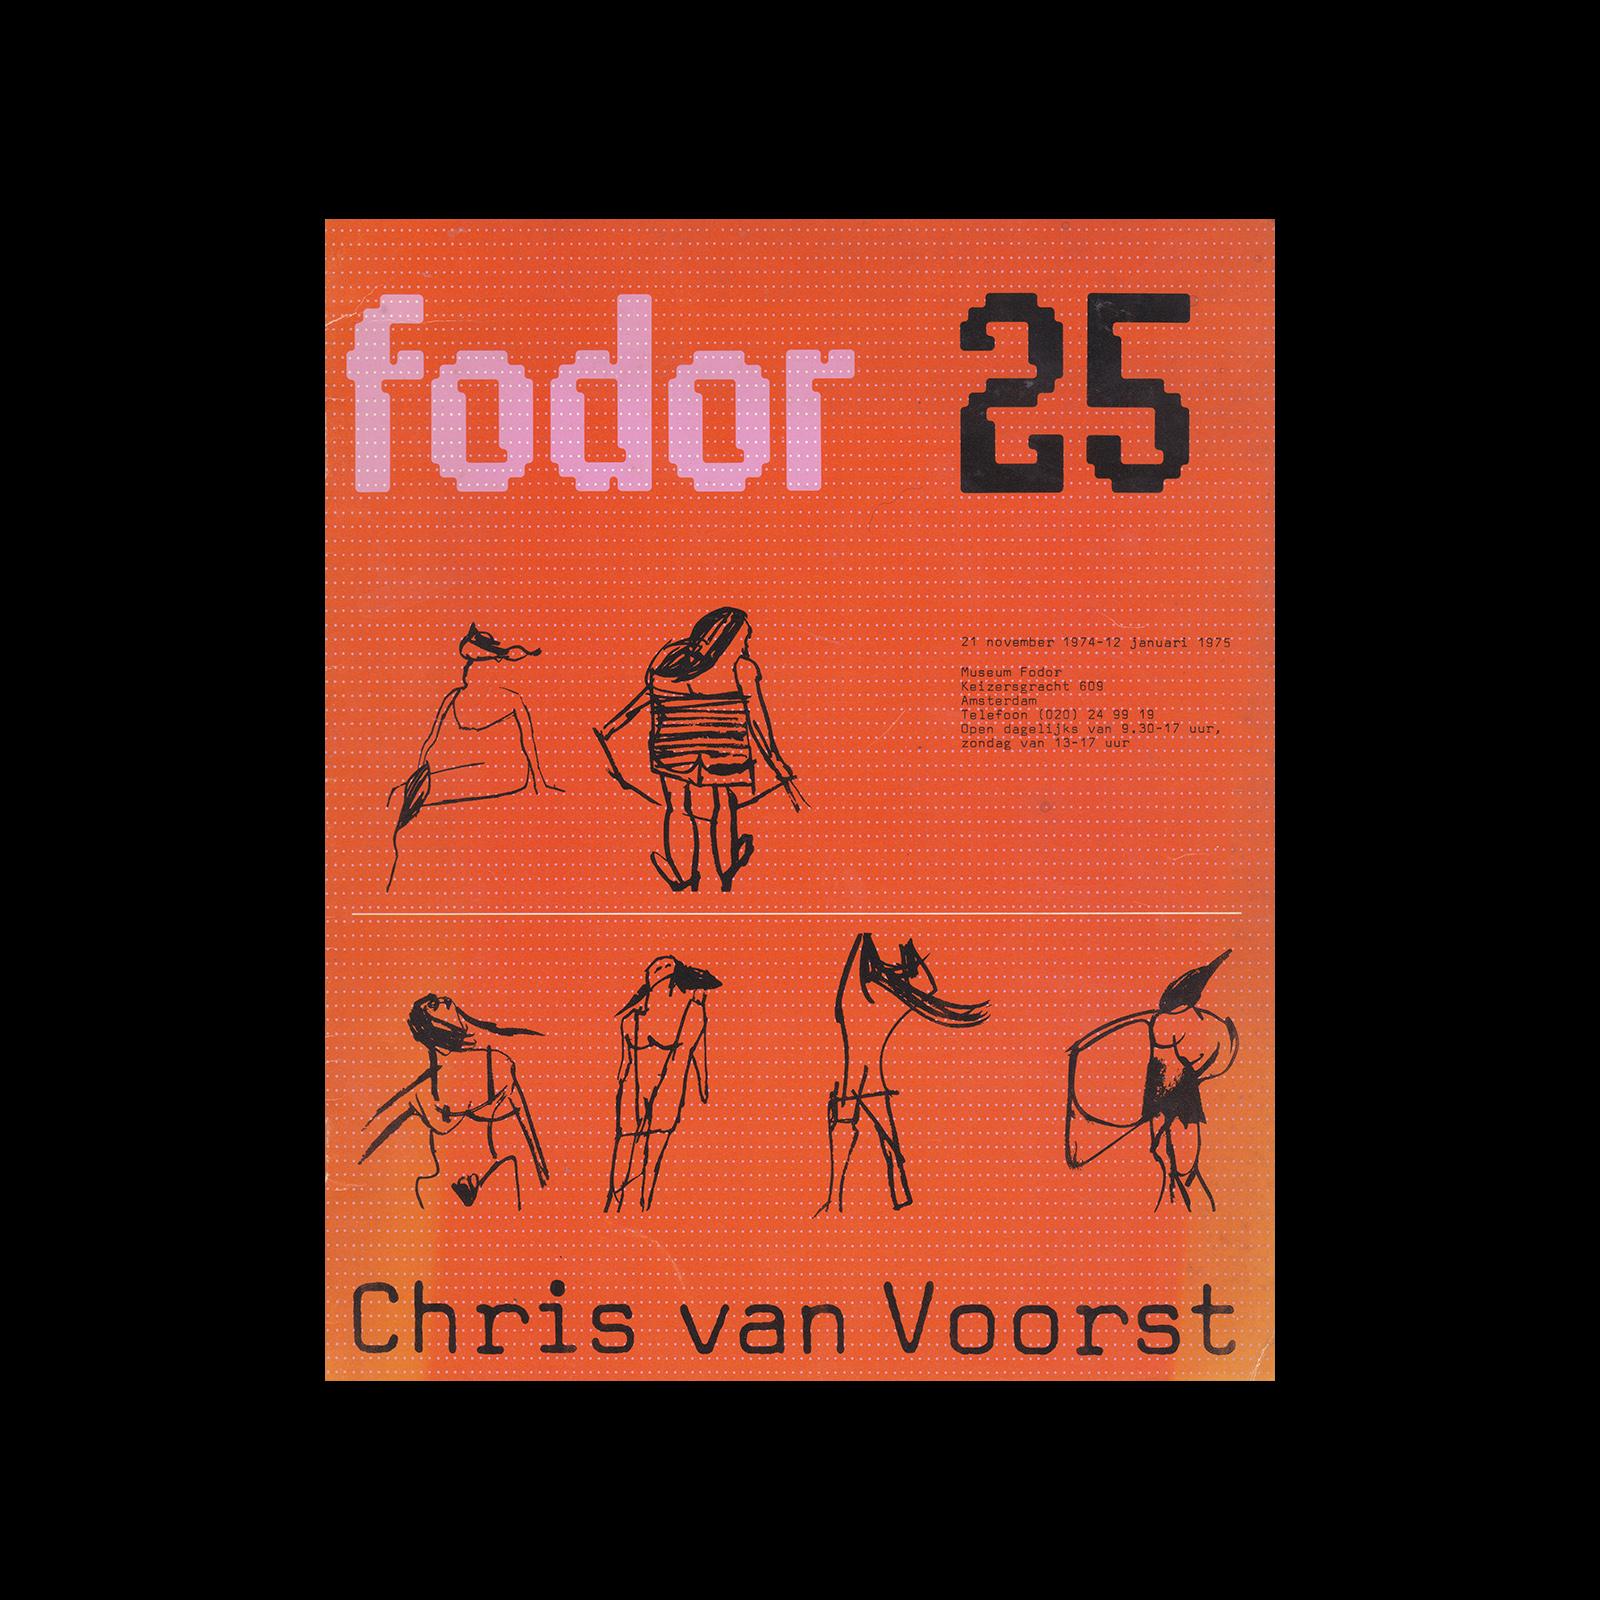 Fodor 25, 1974 - Chris van Voorst. Designed by Wim Crouwel and Daphne Duijvelshoff (Total Design)